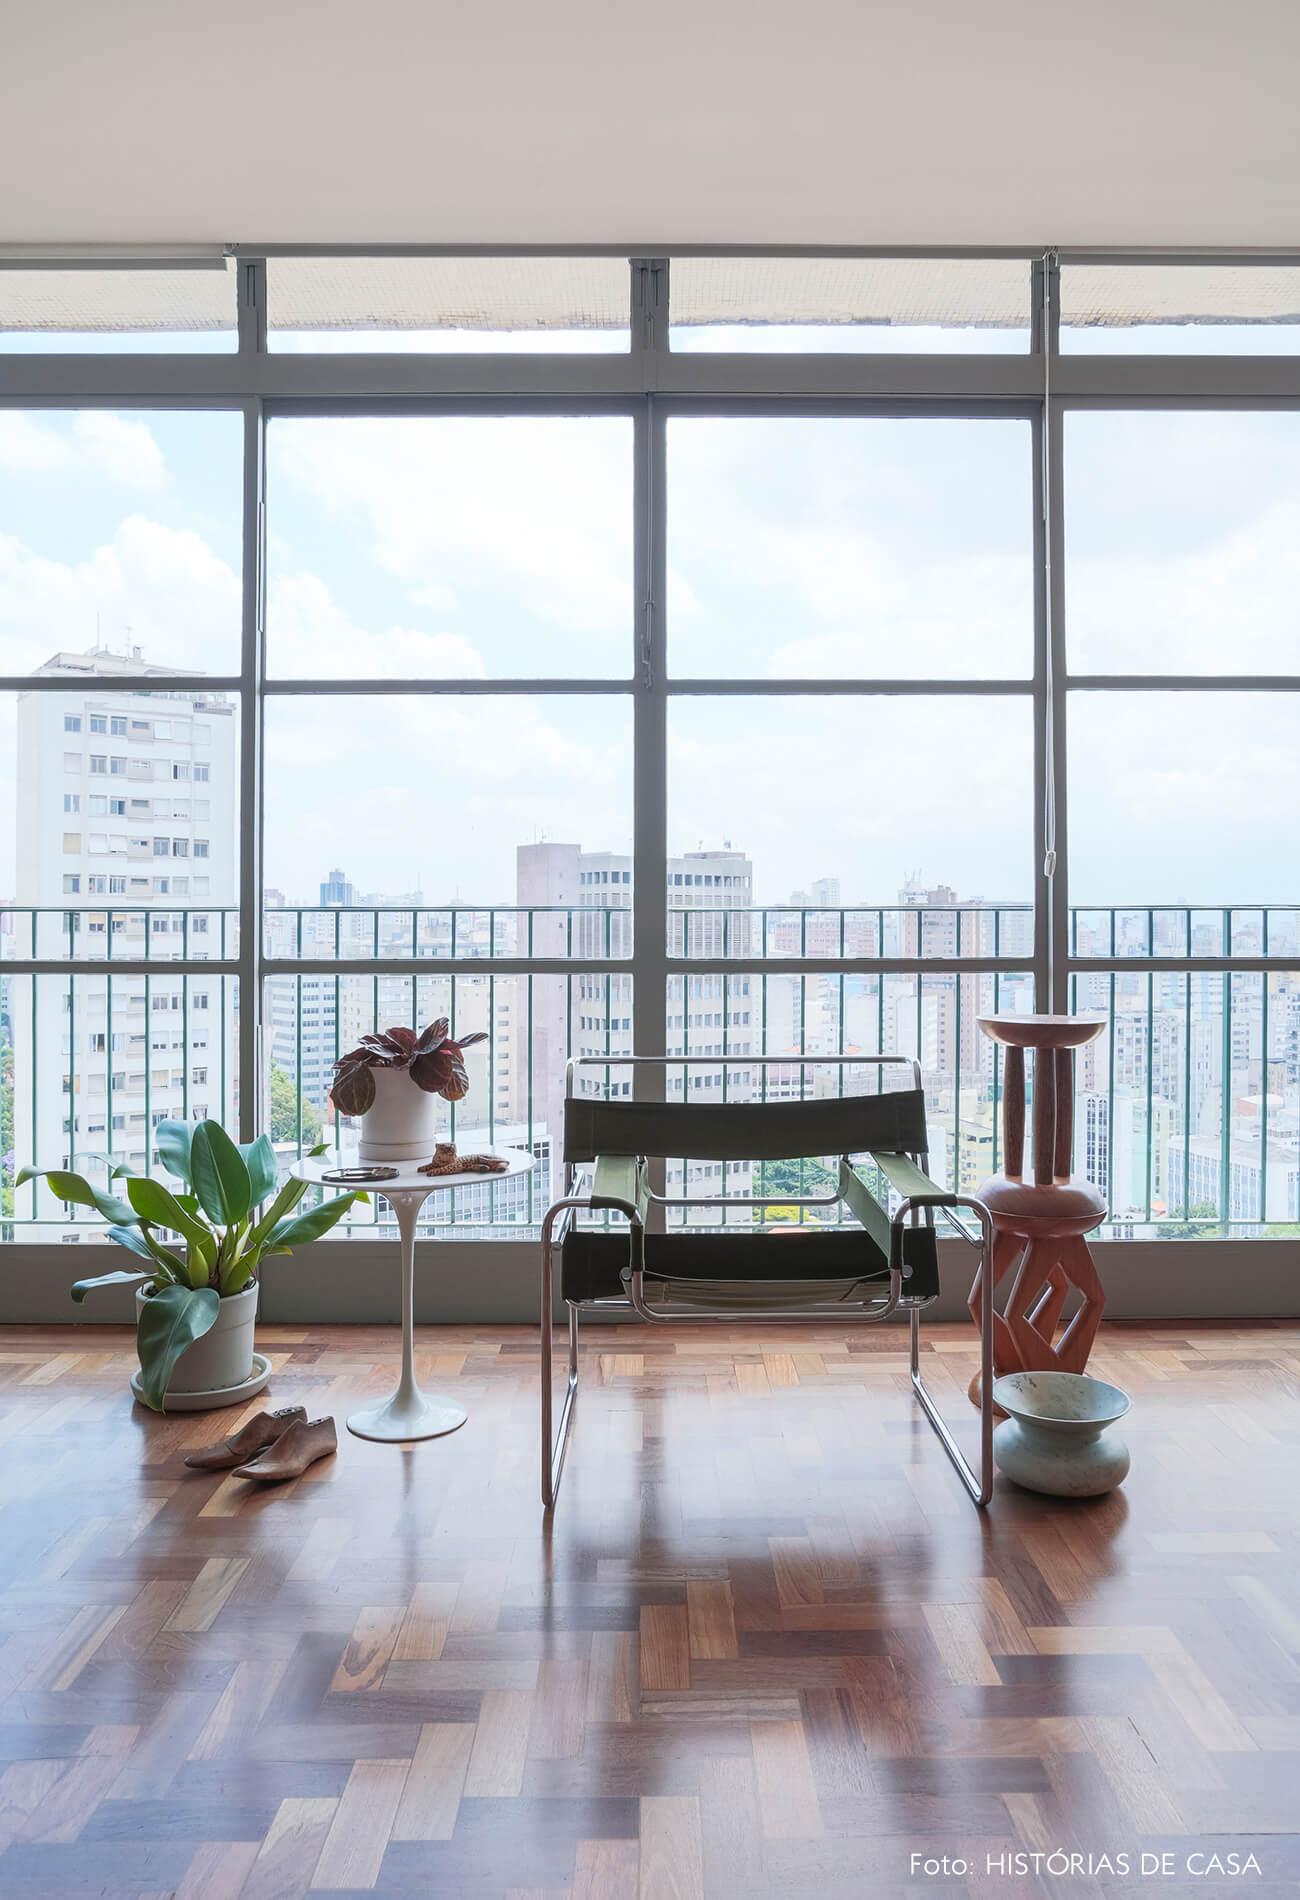 sala-com-janela-grande-e-cadeira-wassily